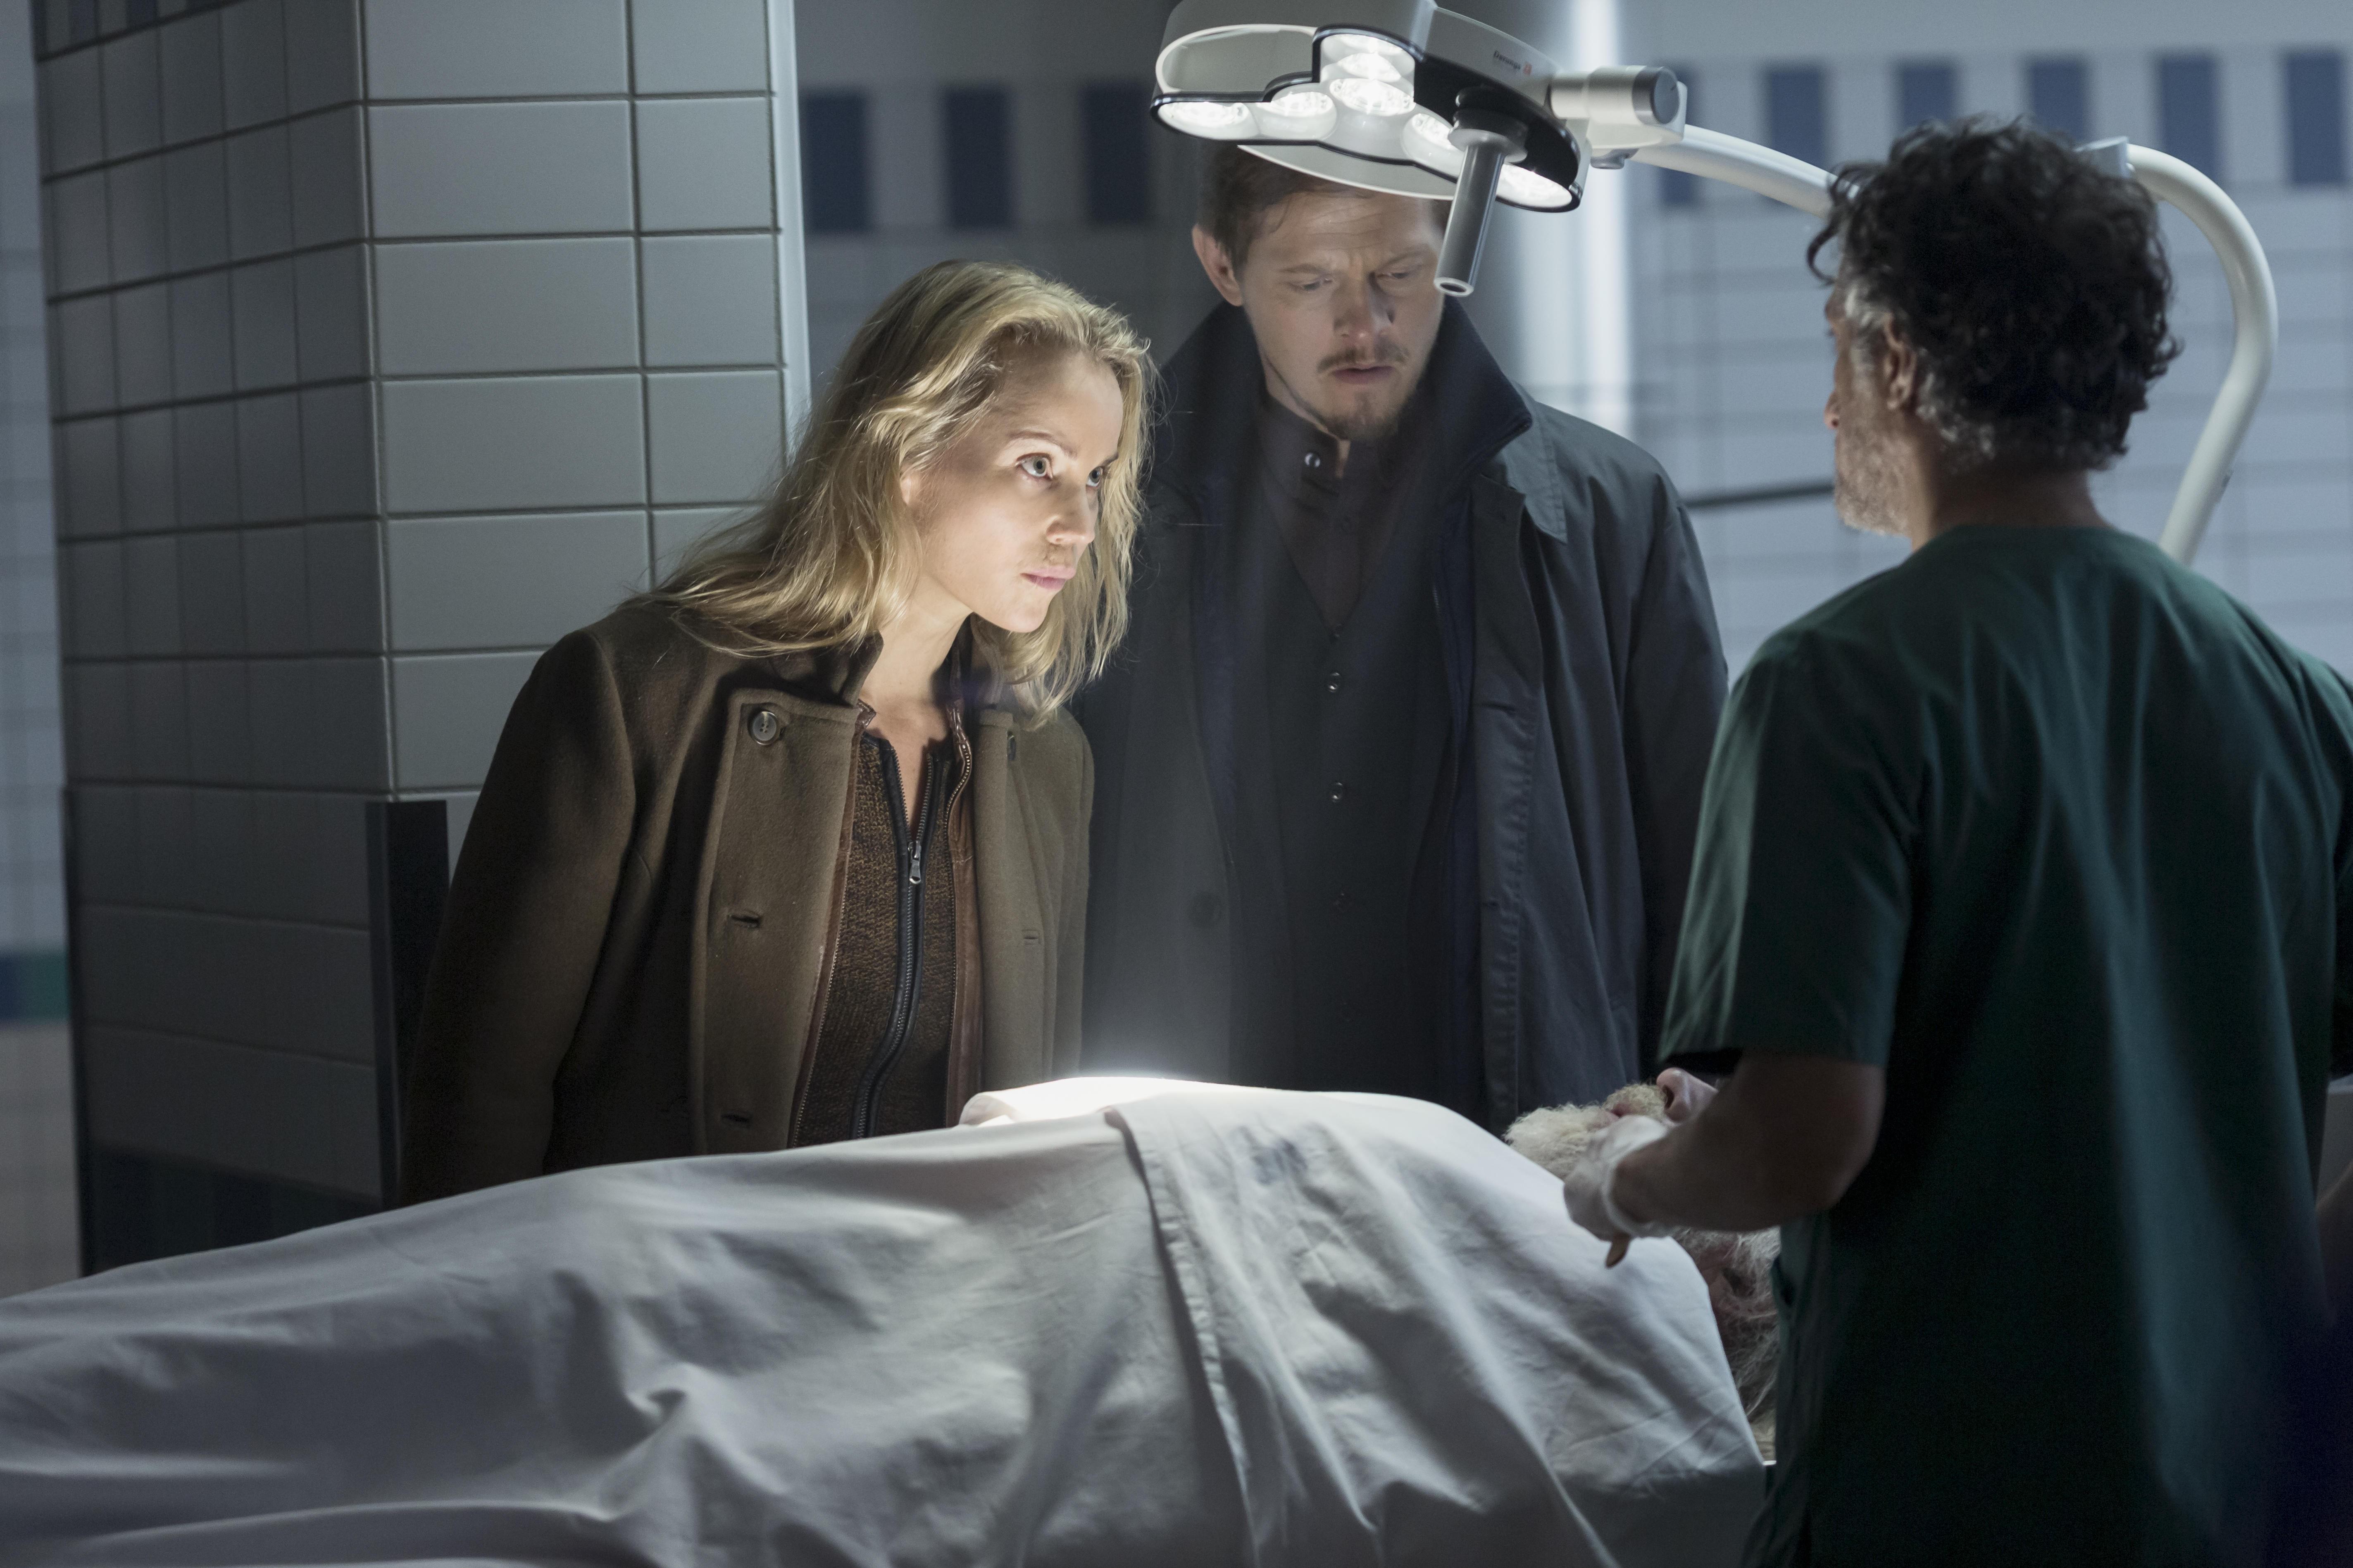 SISTE SESONG: Saga Norén (Sofia Helin) og Henrik Sabroe (Thure Lindhardt) er tilbake i en fjerde og siste sesong av den populære serien «Broen». Her et bilde fra sesong tre.